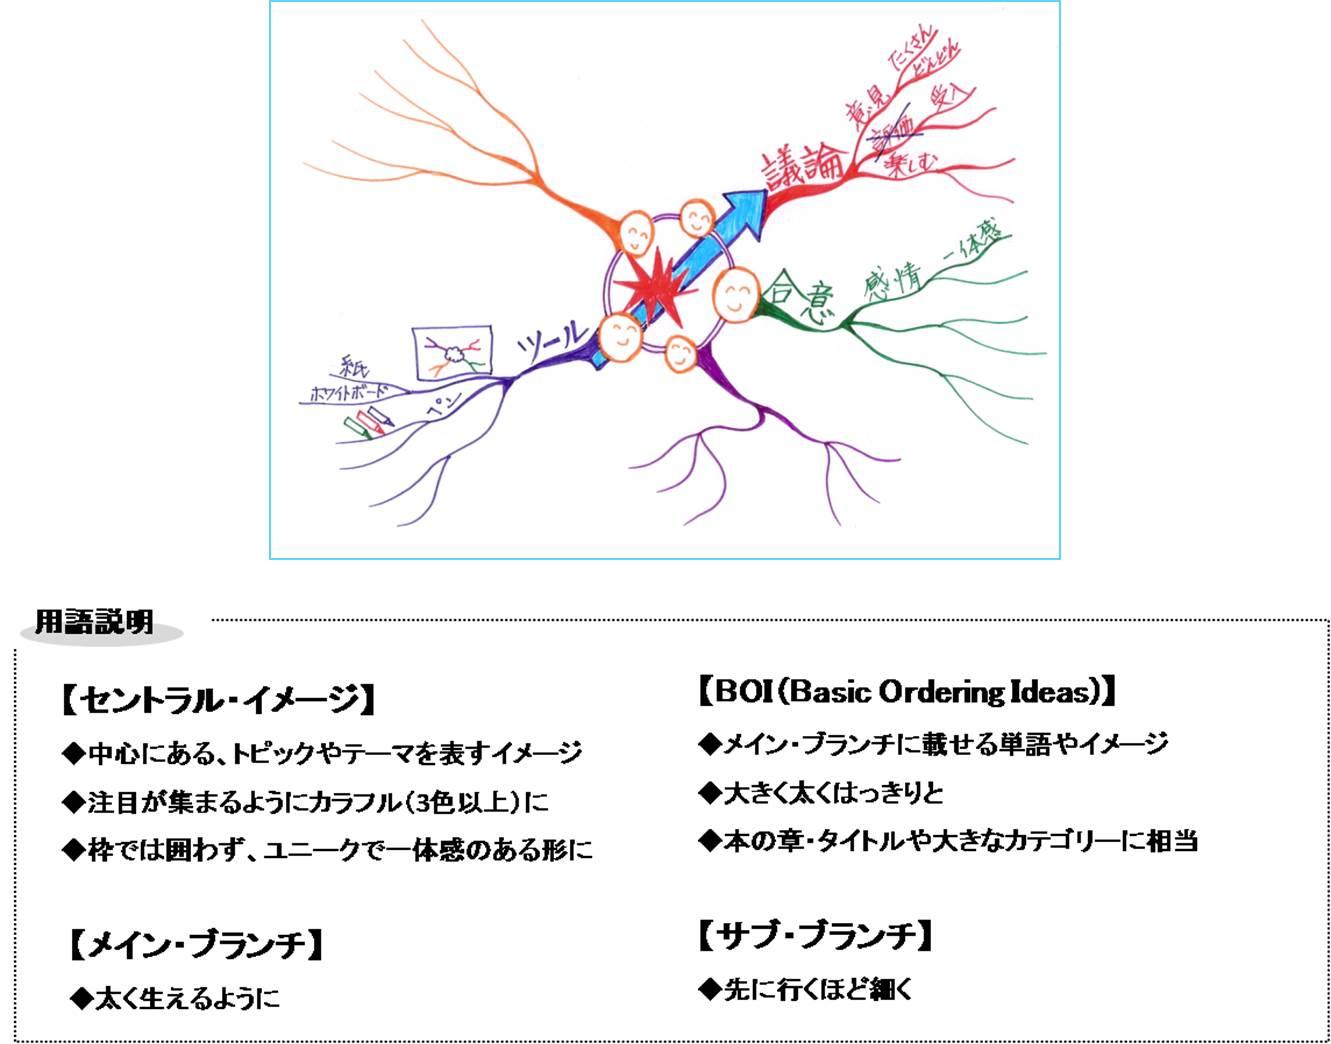 マインドマップの用語解説